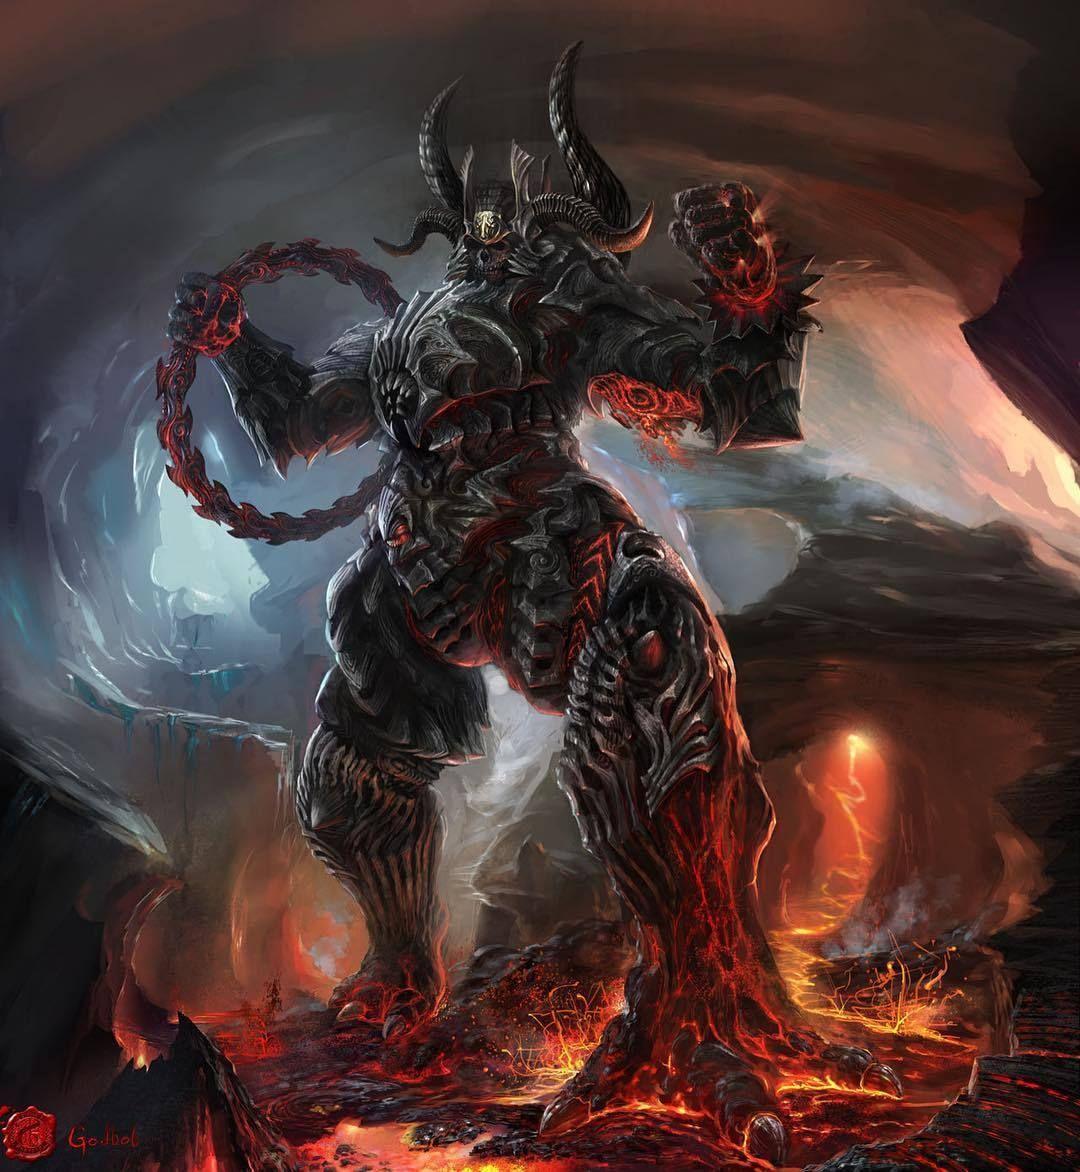 Картинки адских существ